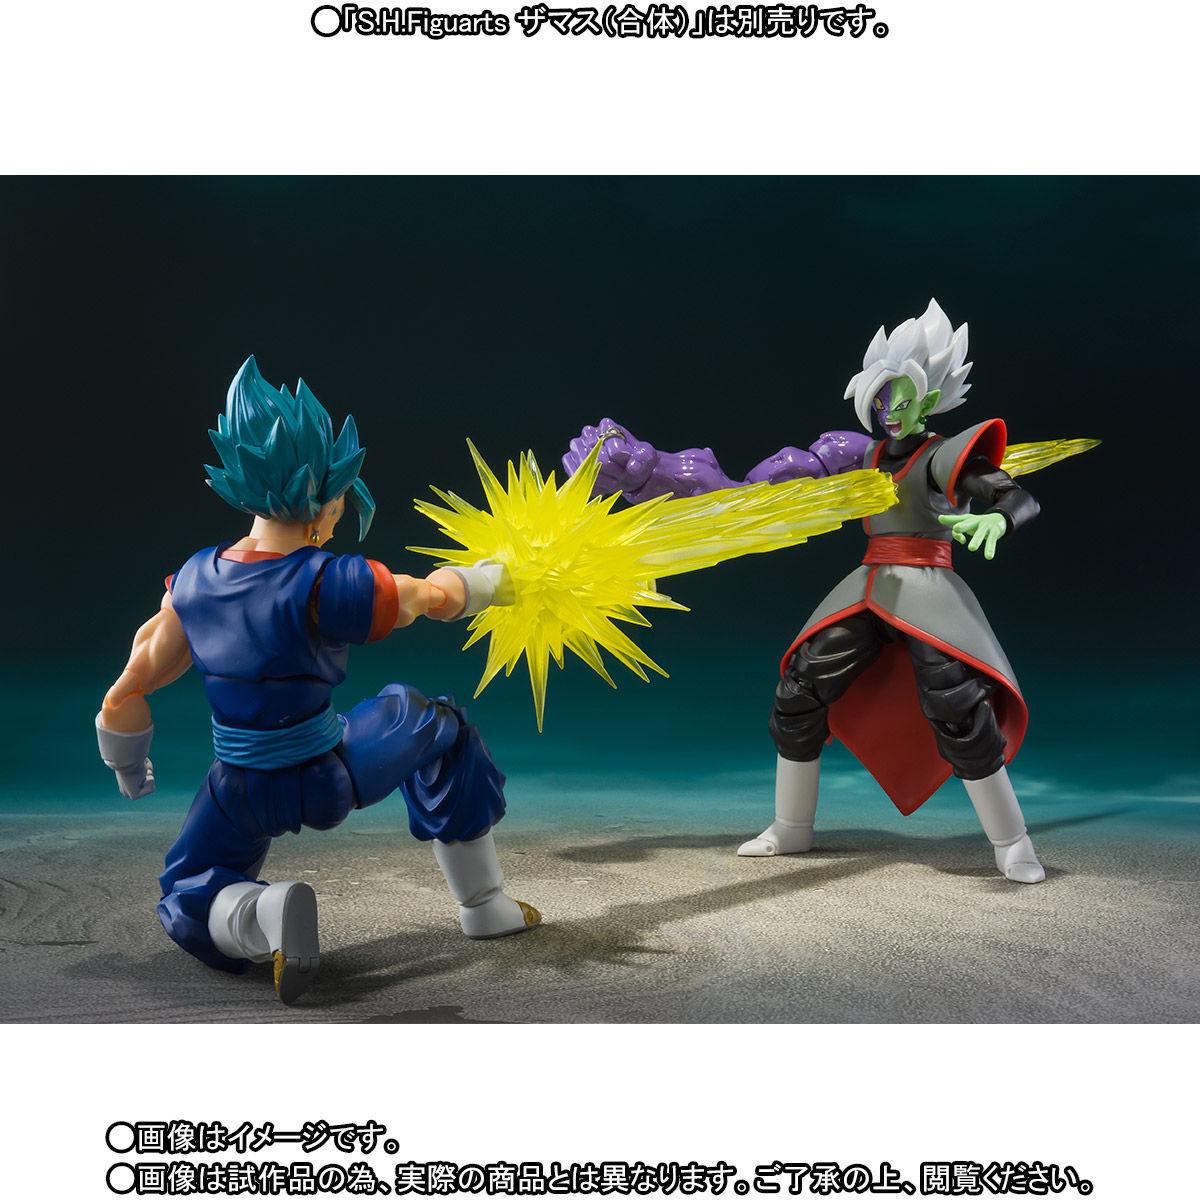 【限定販売】S.H.Figuarts『スーパーサイヤ人ゴッドスーパーサイヤ人ベジット-超-』ドラゴンボール超 可動フィギュア-008